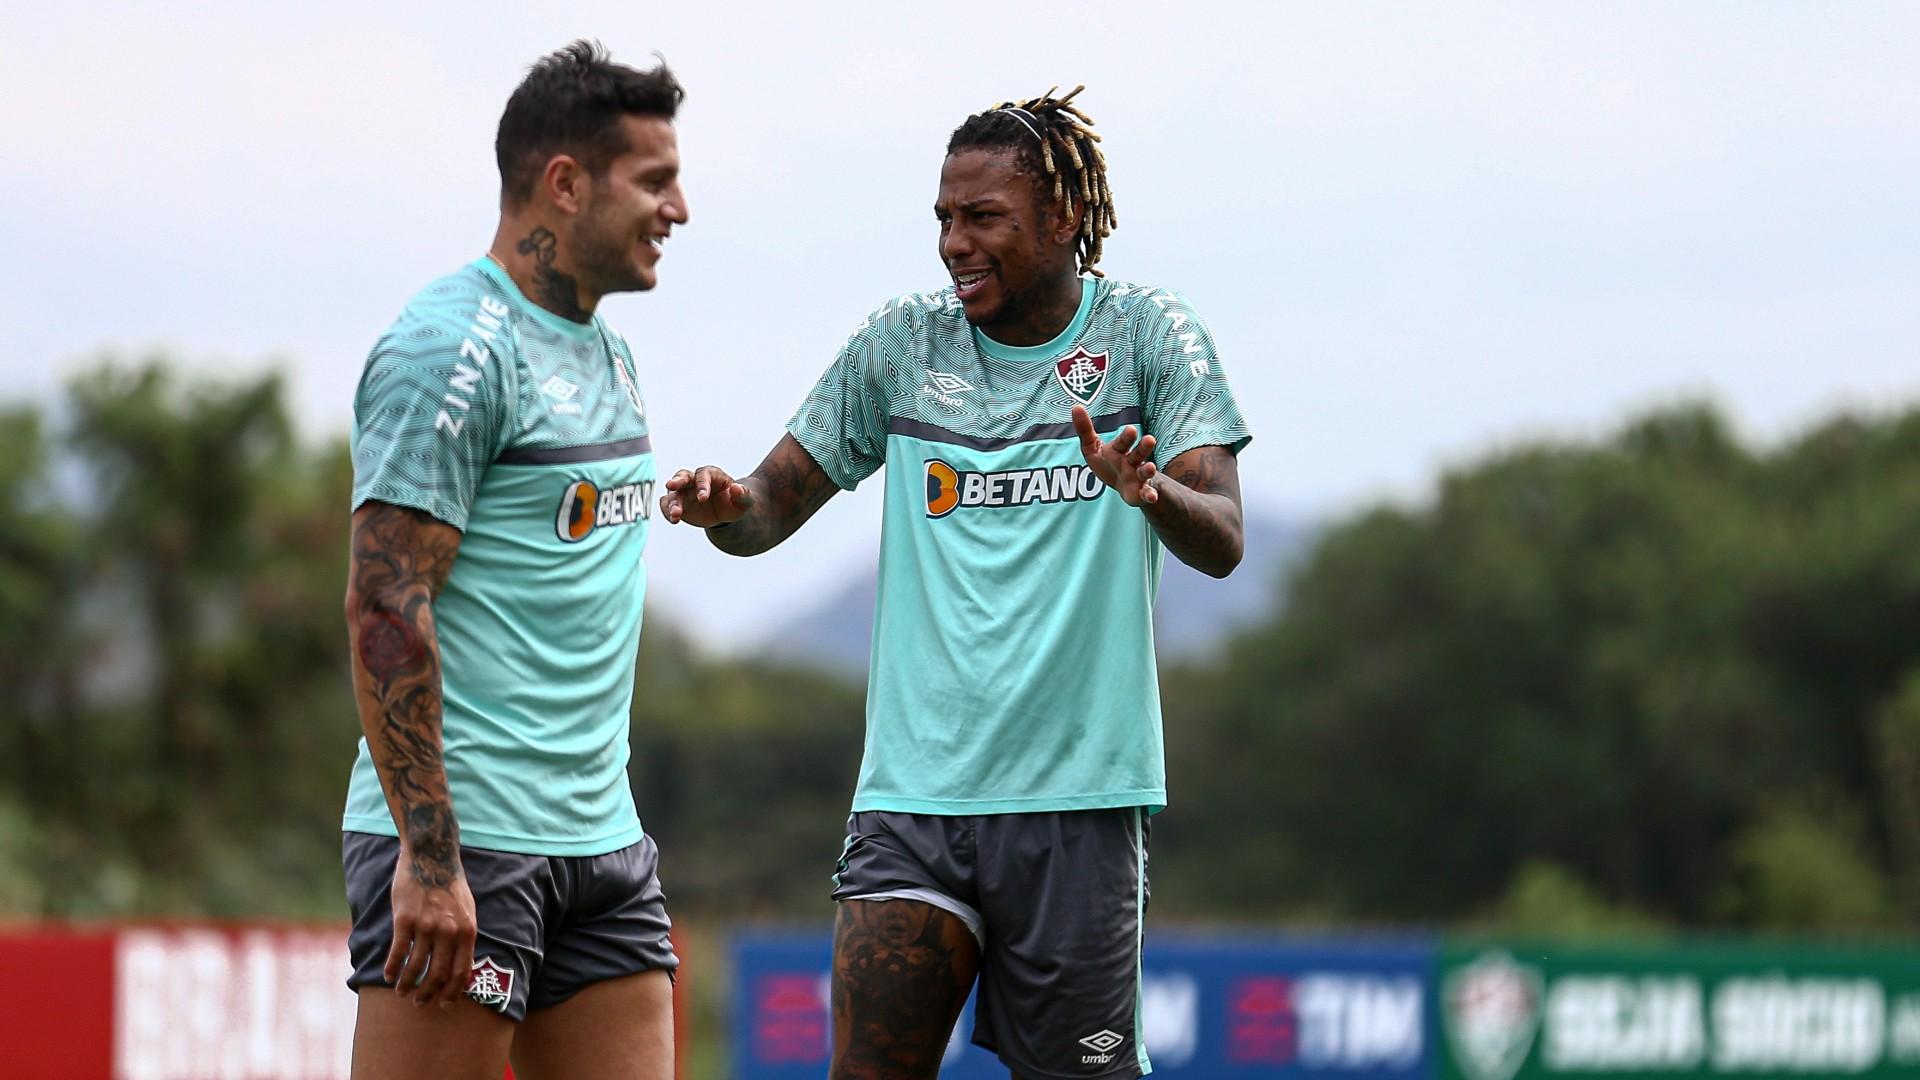 Bom momento pelo Fluminense aproxima atacante de convocação para a seleção